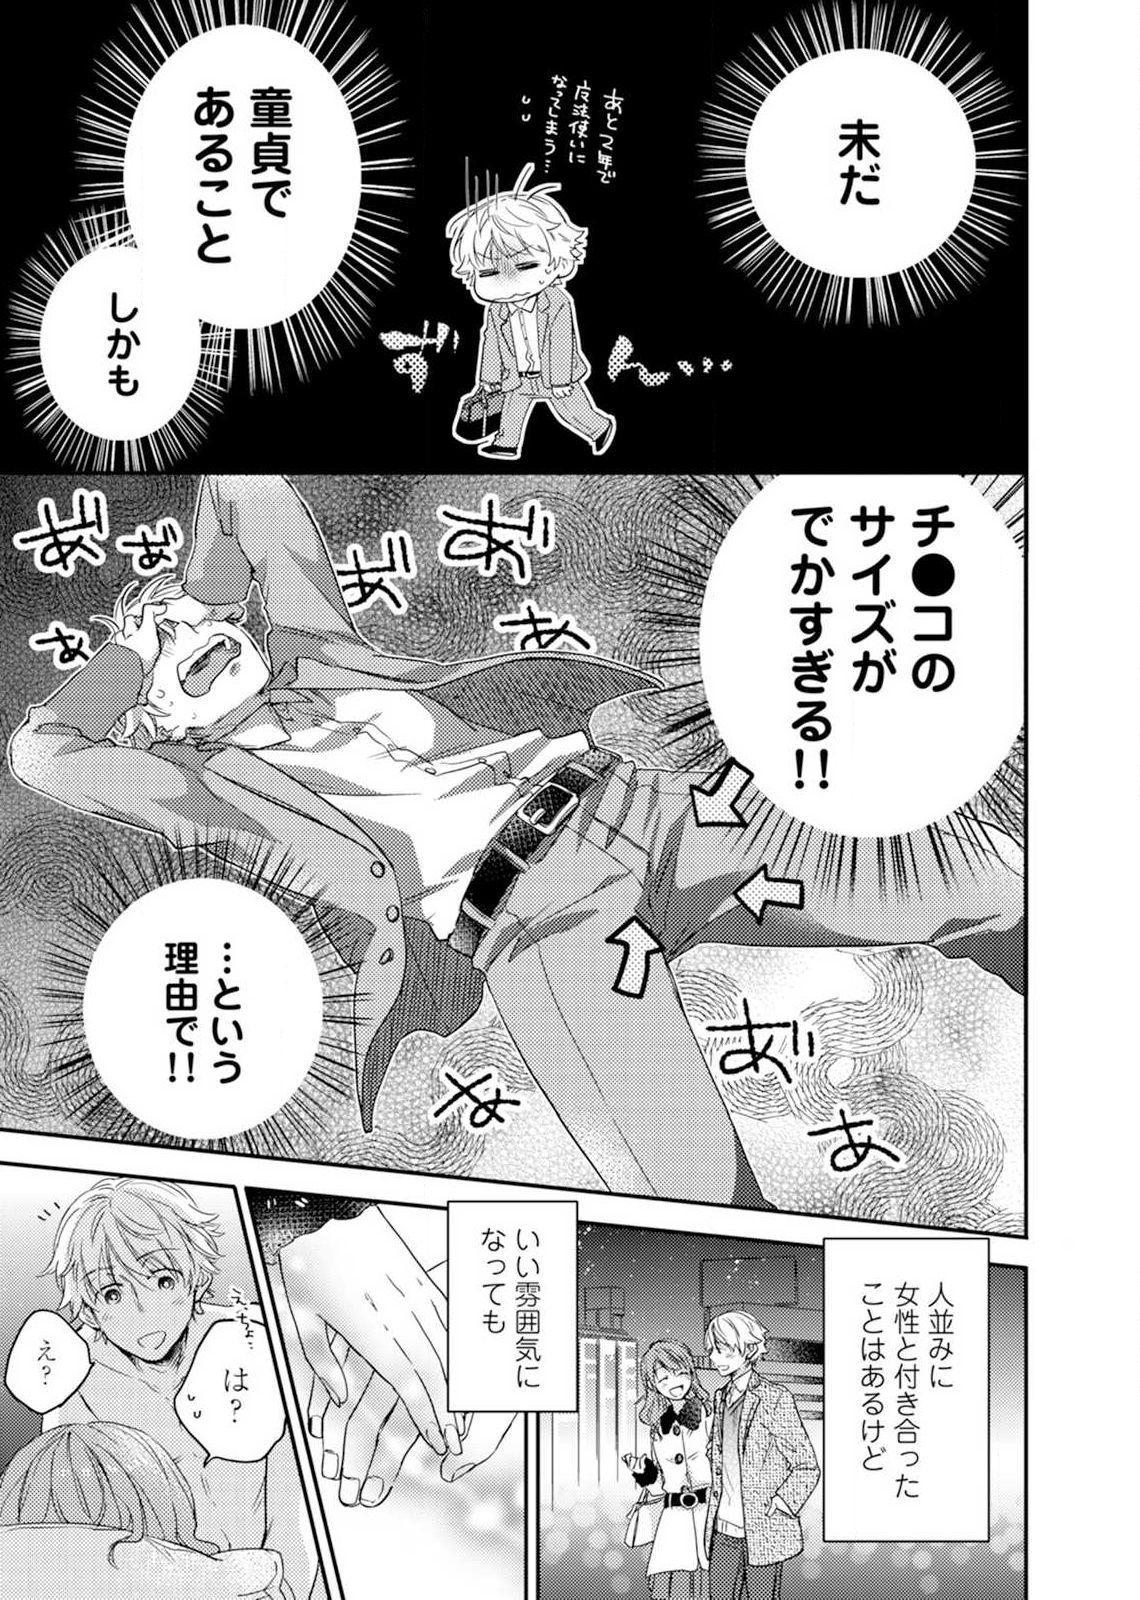 Kimi wa Kokan no Mochigusare Ch.1 3